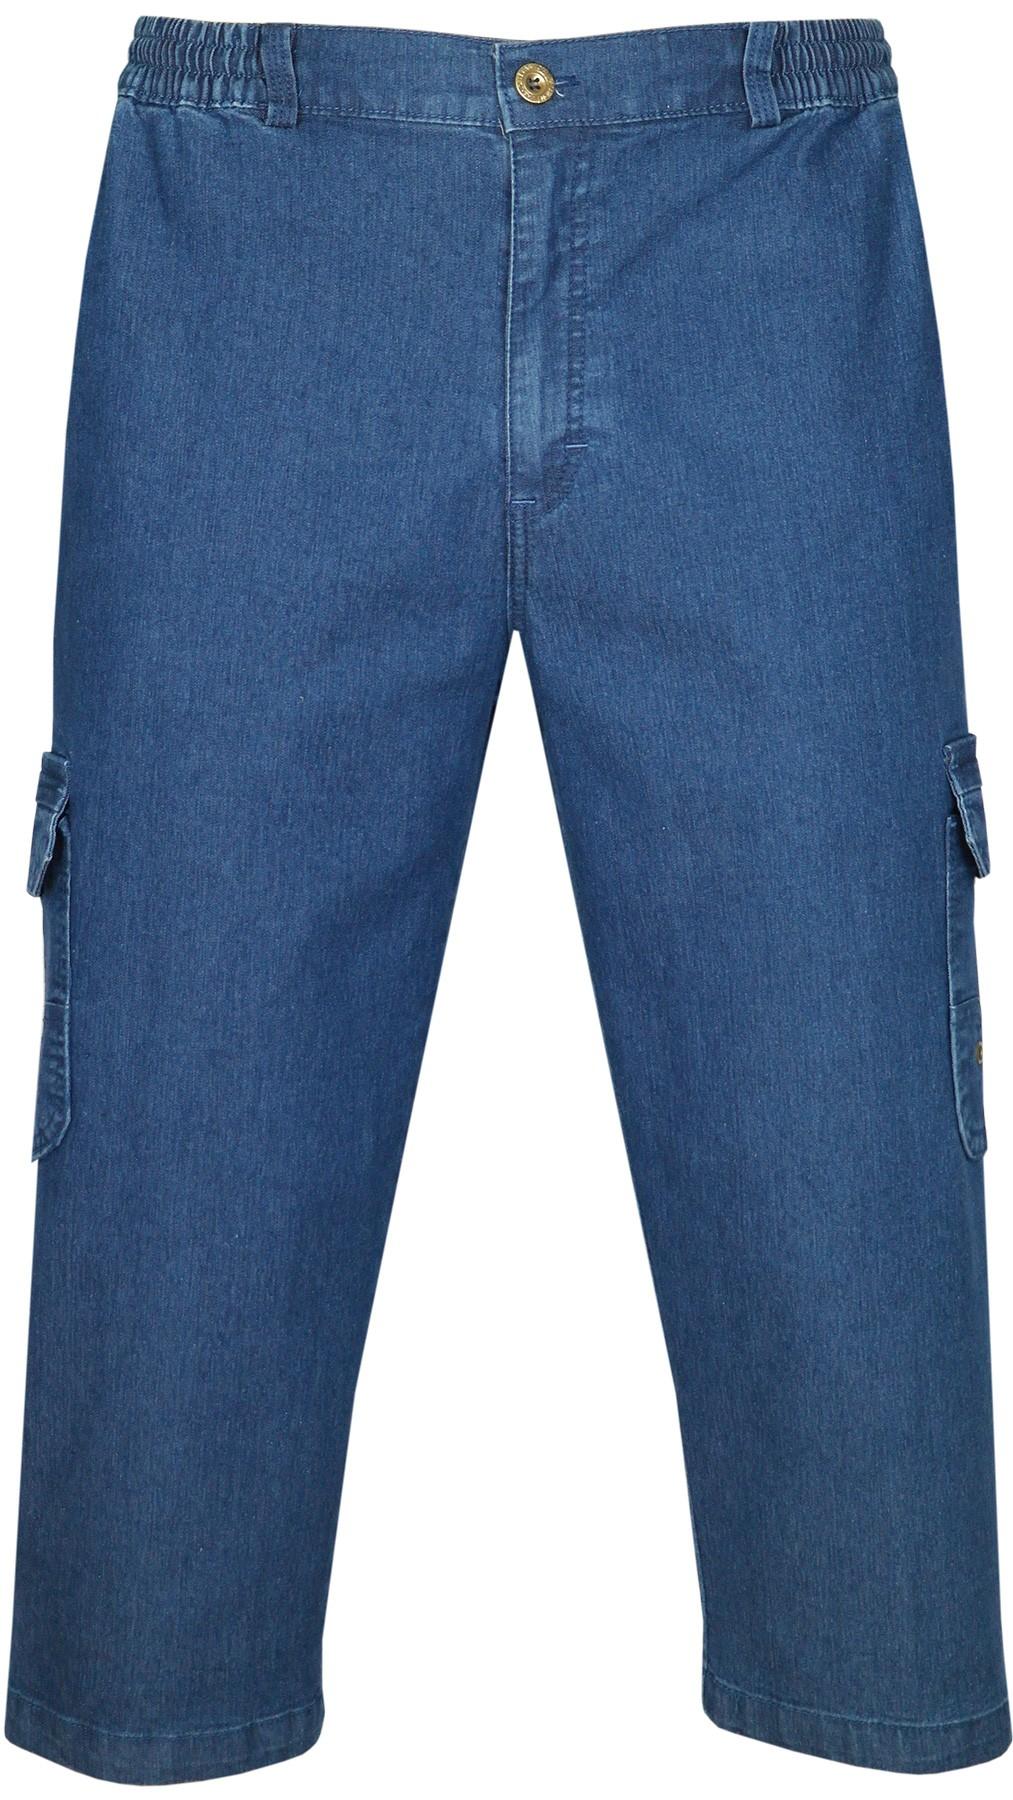 Herren Stretch Jeans Bermudas mit Dehnbund - Blue